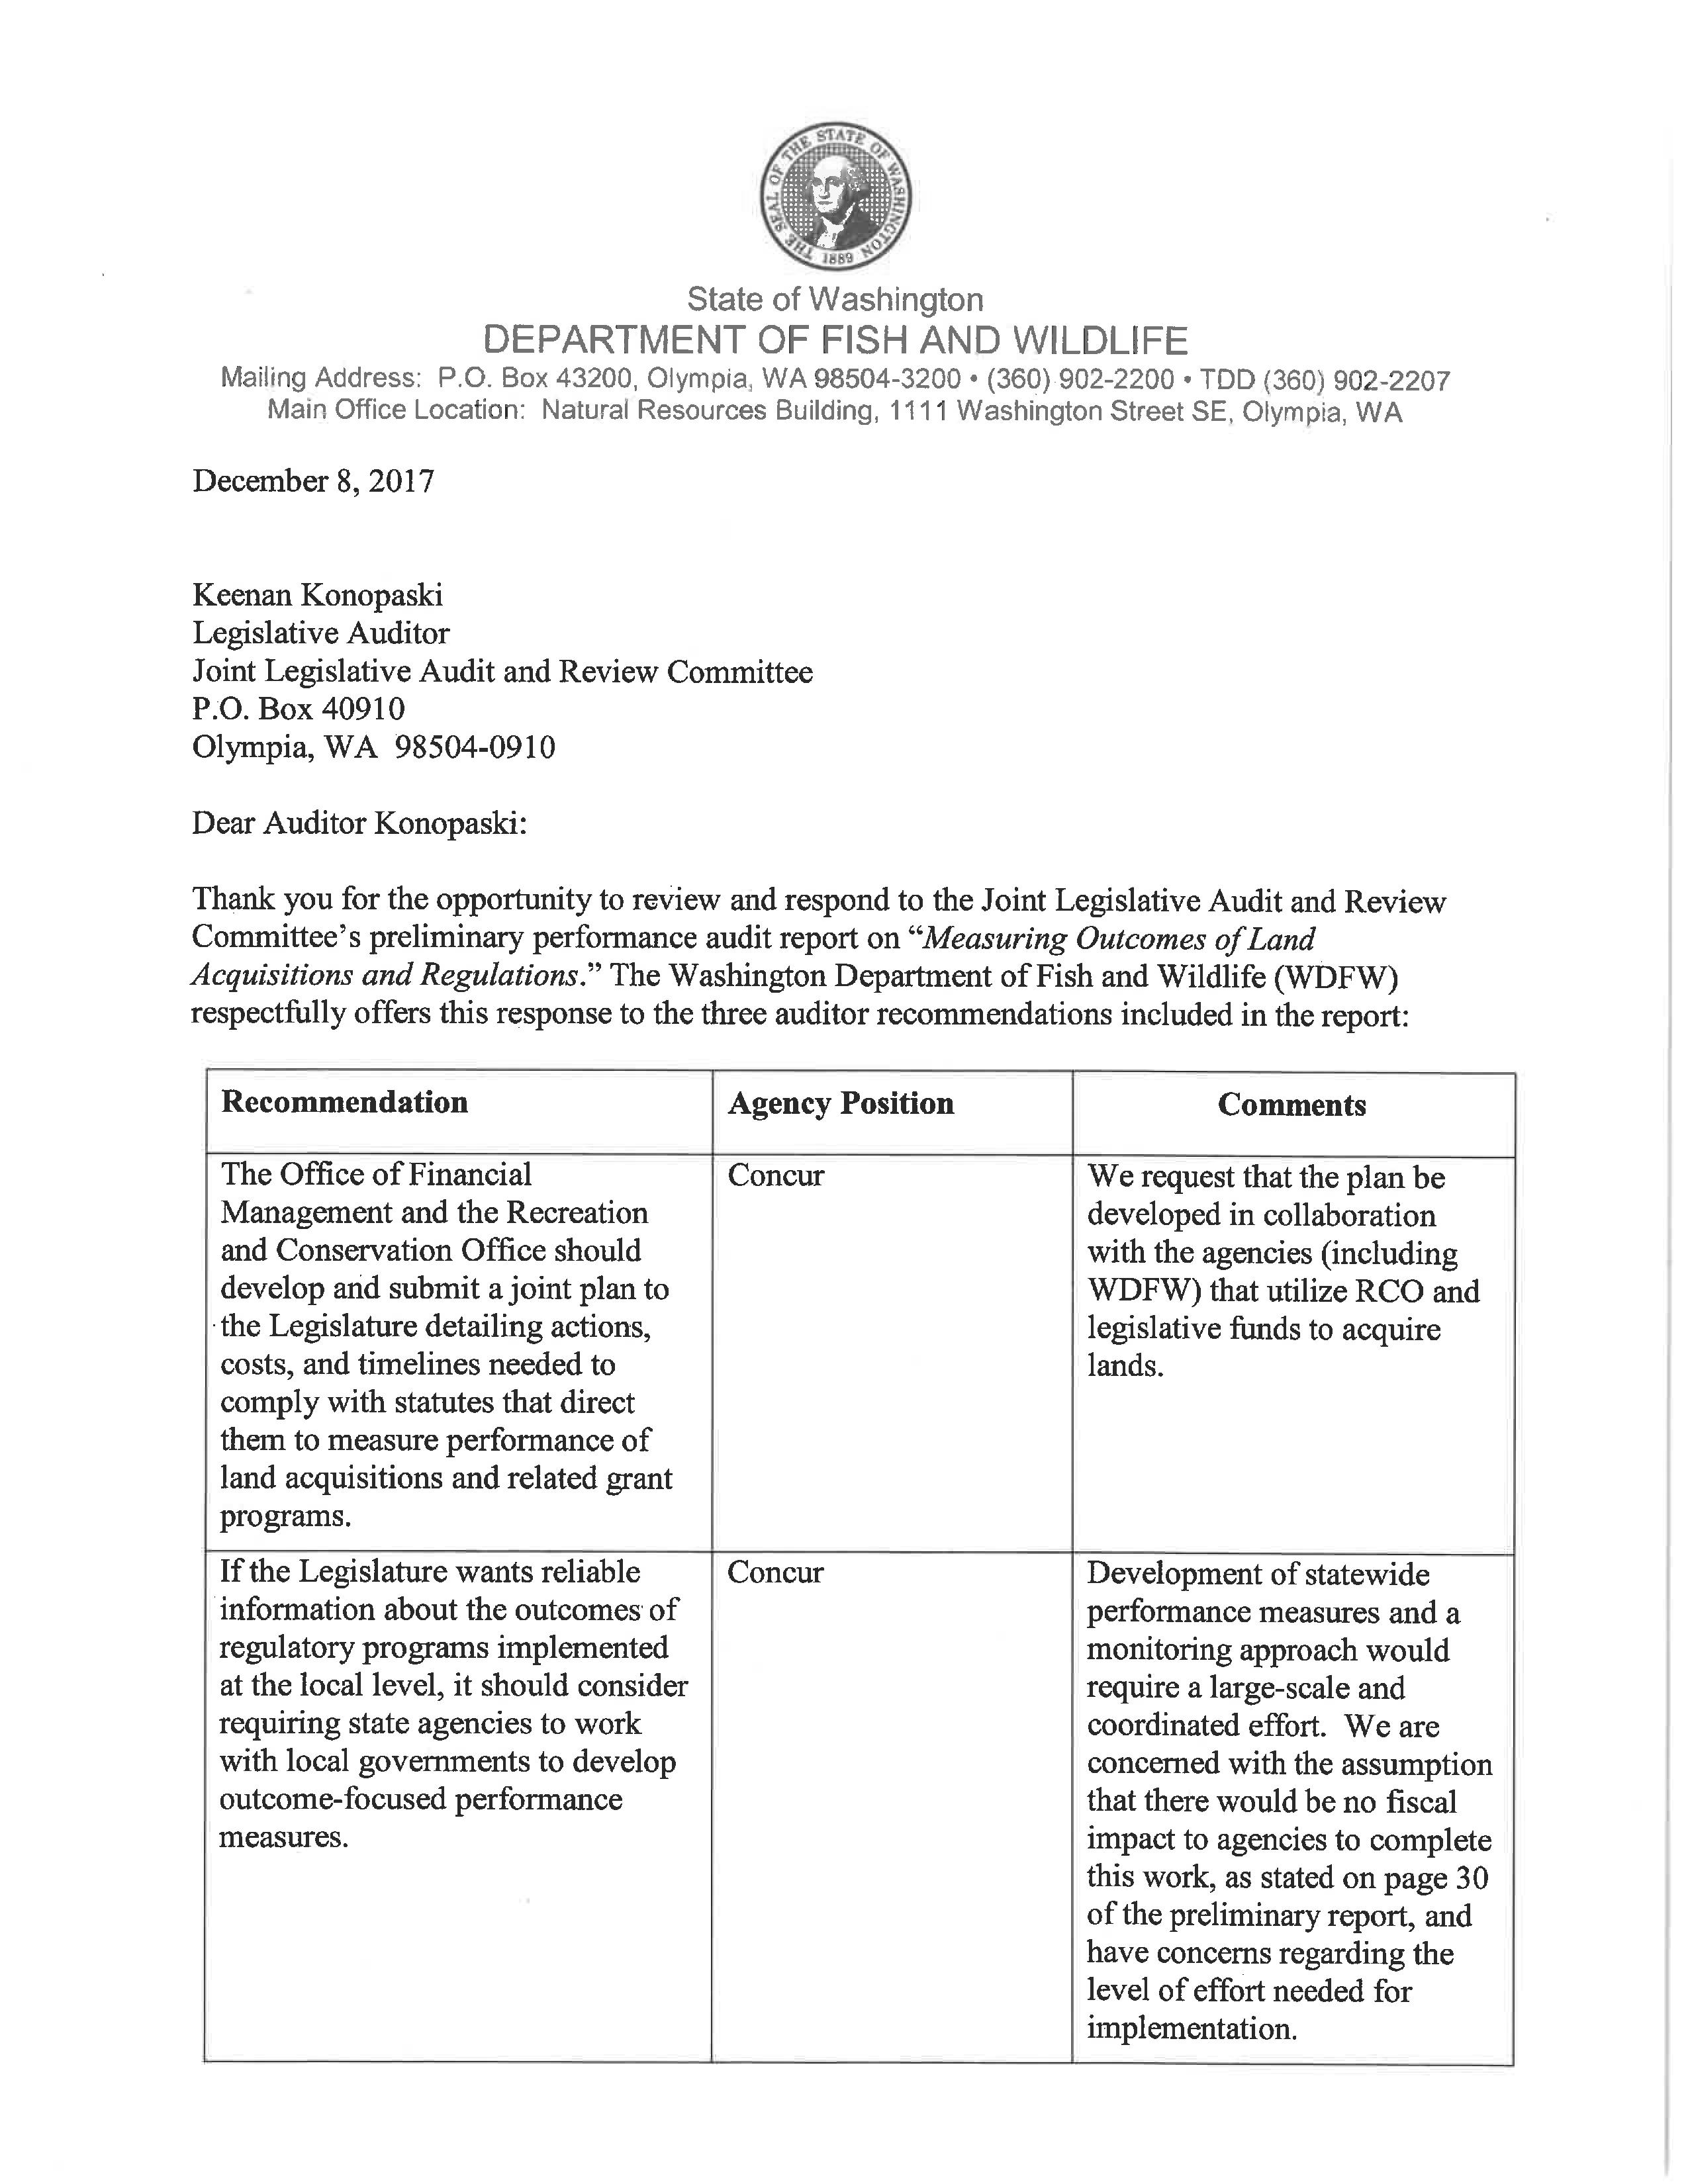 WDFW-response-1.png